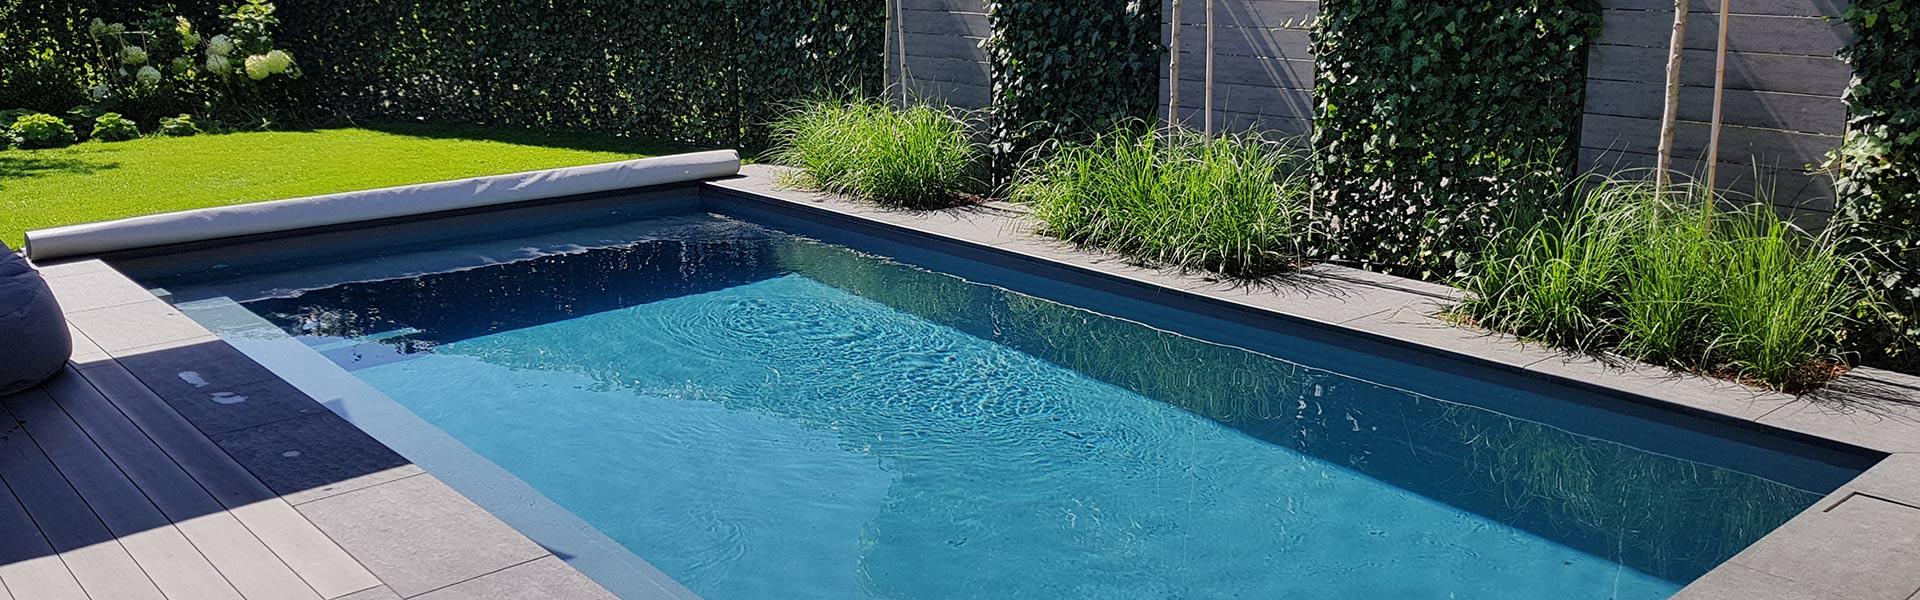 Pool im Garten mit offener Abdeckung